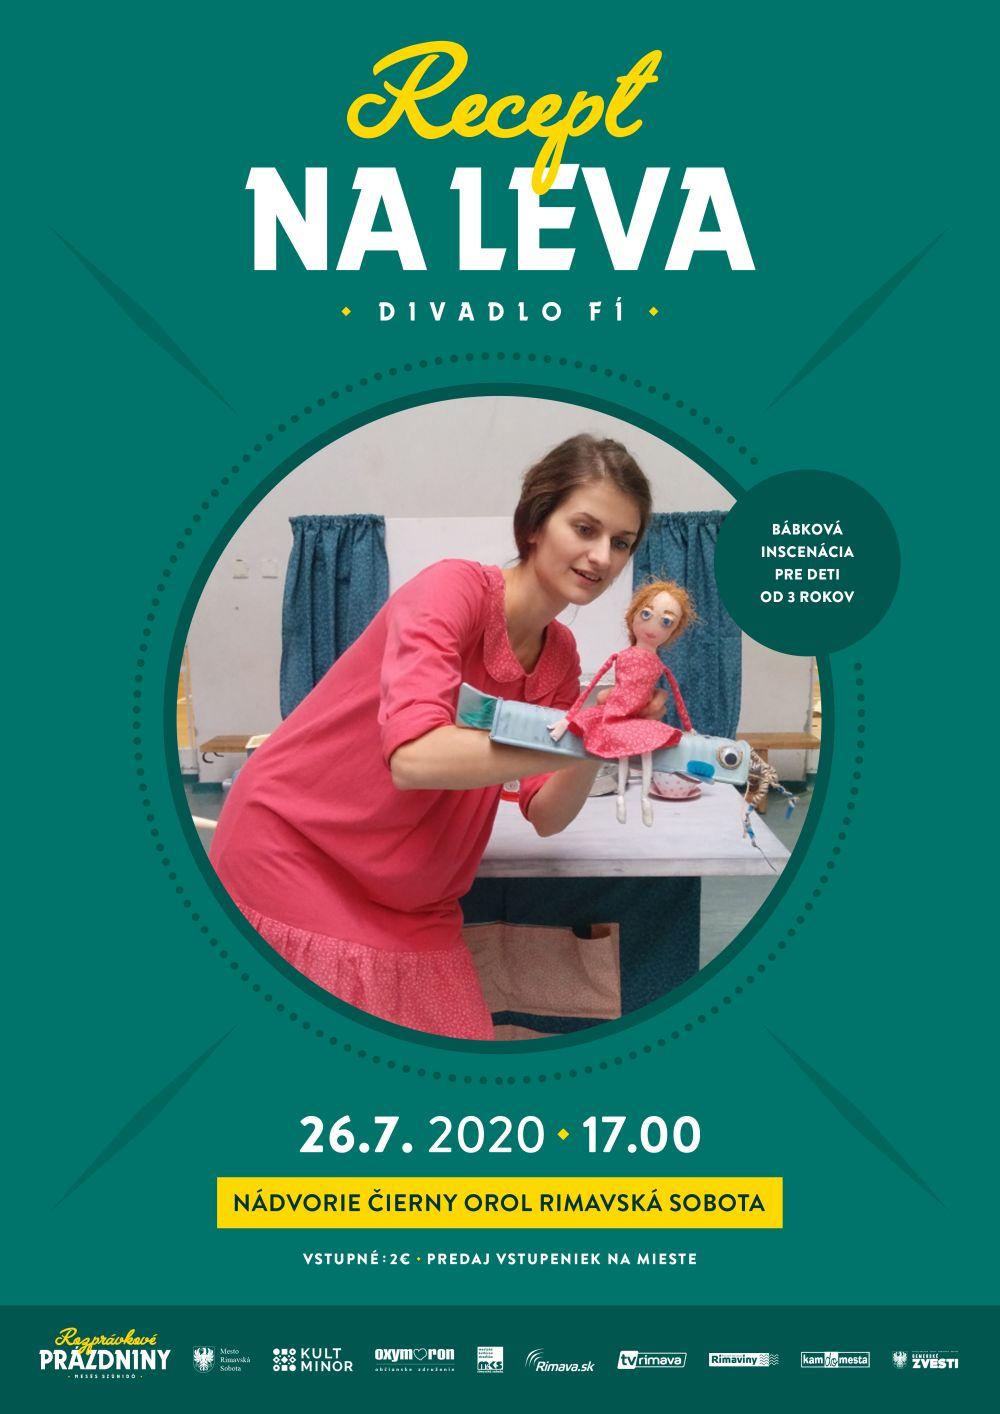 Divadlo FÍ: Recept na leva @ Nádvorie Čierny orol Rimavská Sobota